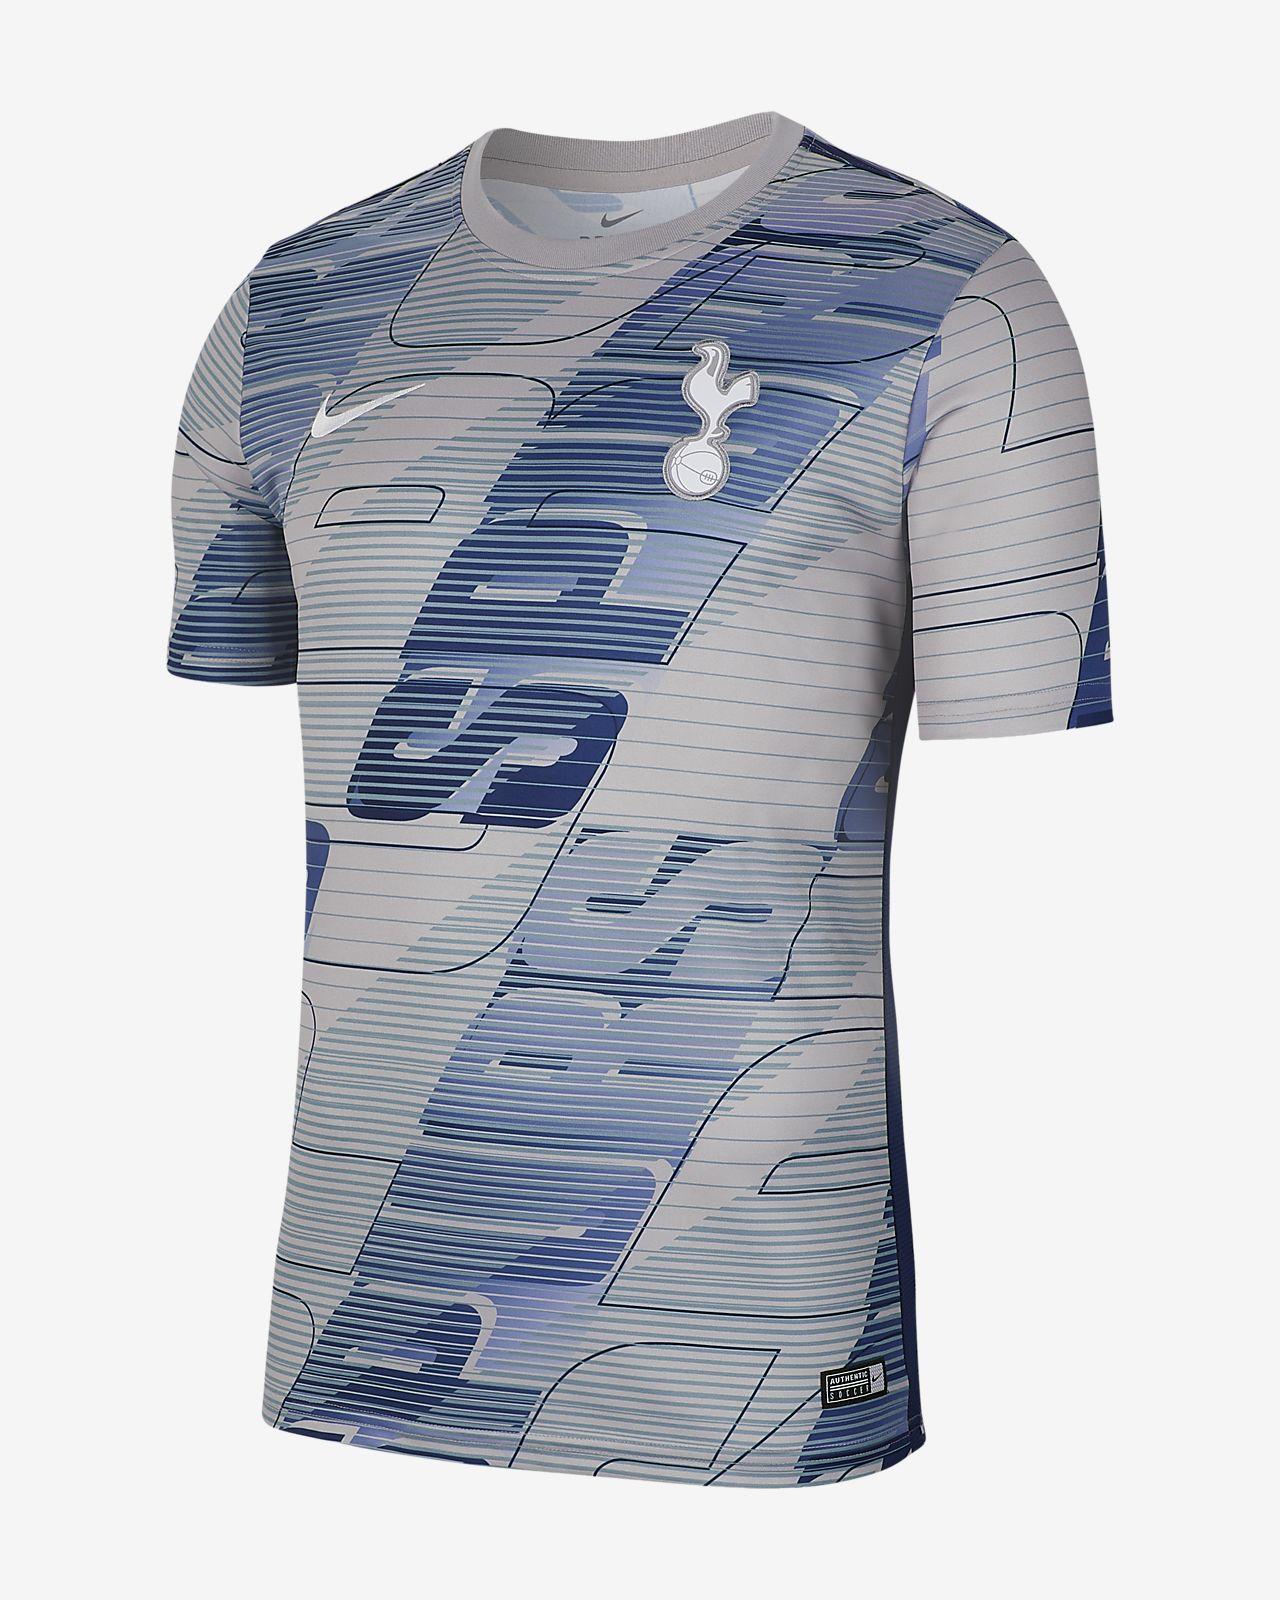 Haut de football à manches courtes Tottenham Hotspur pour Homme